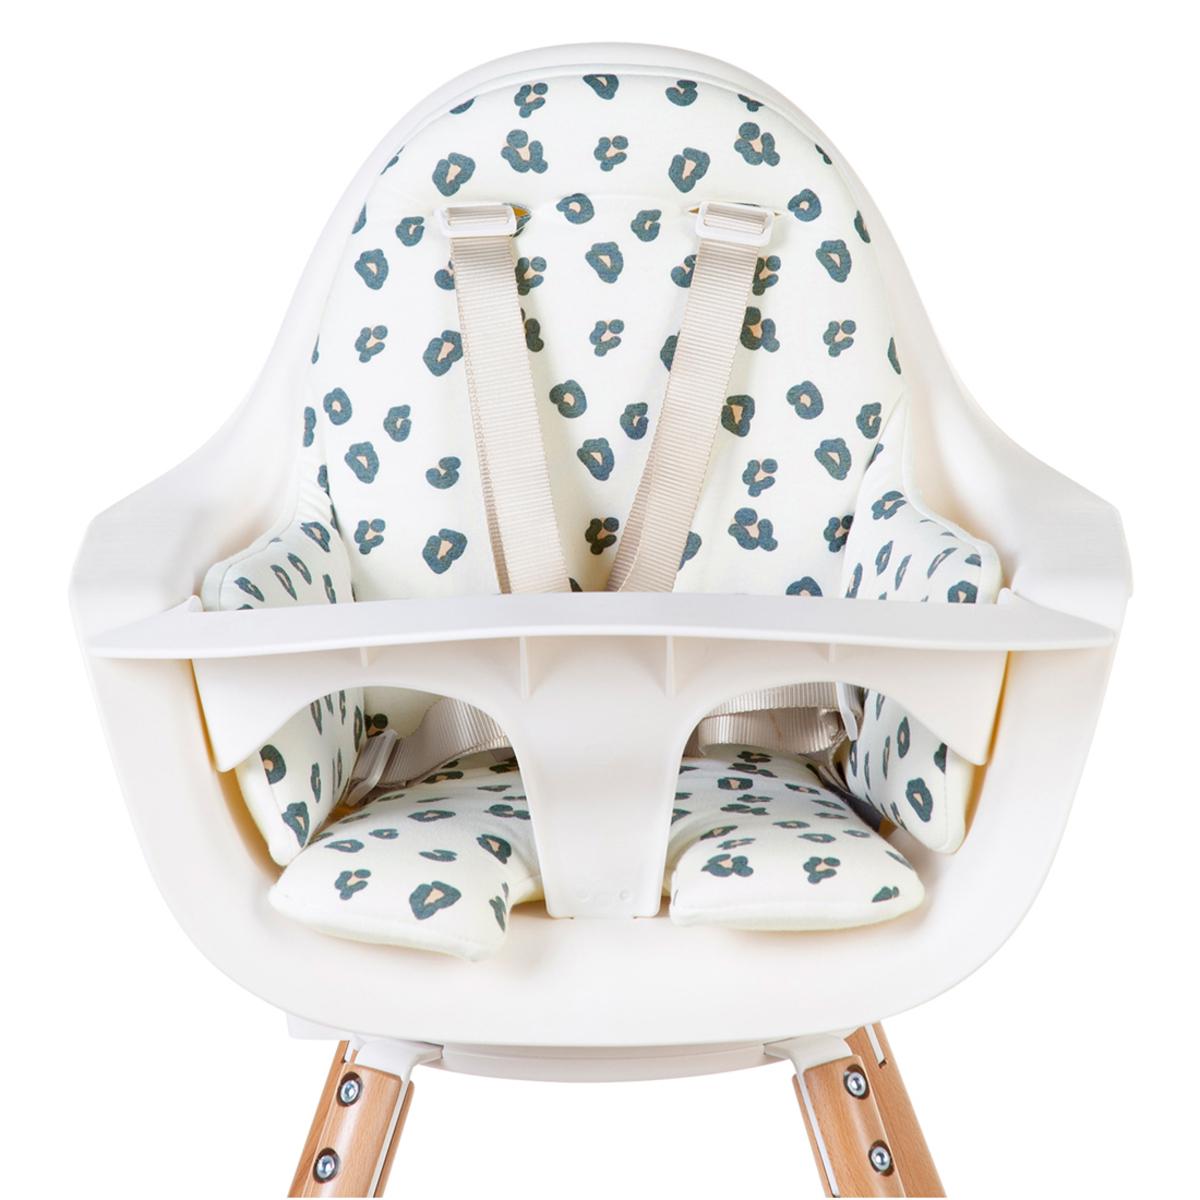 Chaise haute Coussin de Chaise Haute Jersey - Leopard Coussin de Chaise Haute Jersey - Leopard